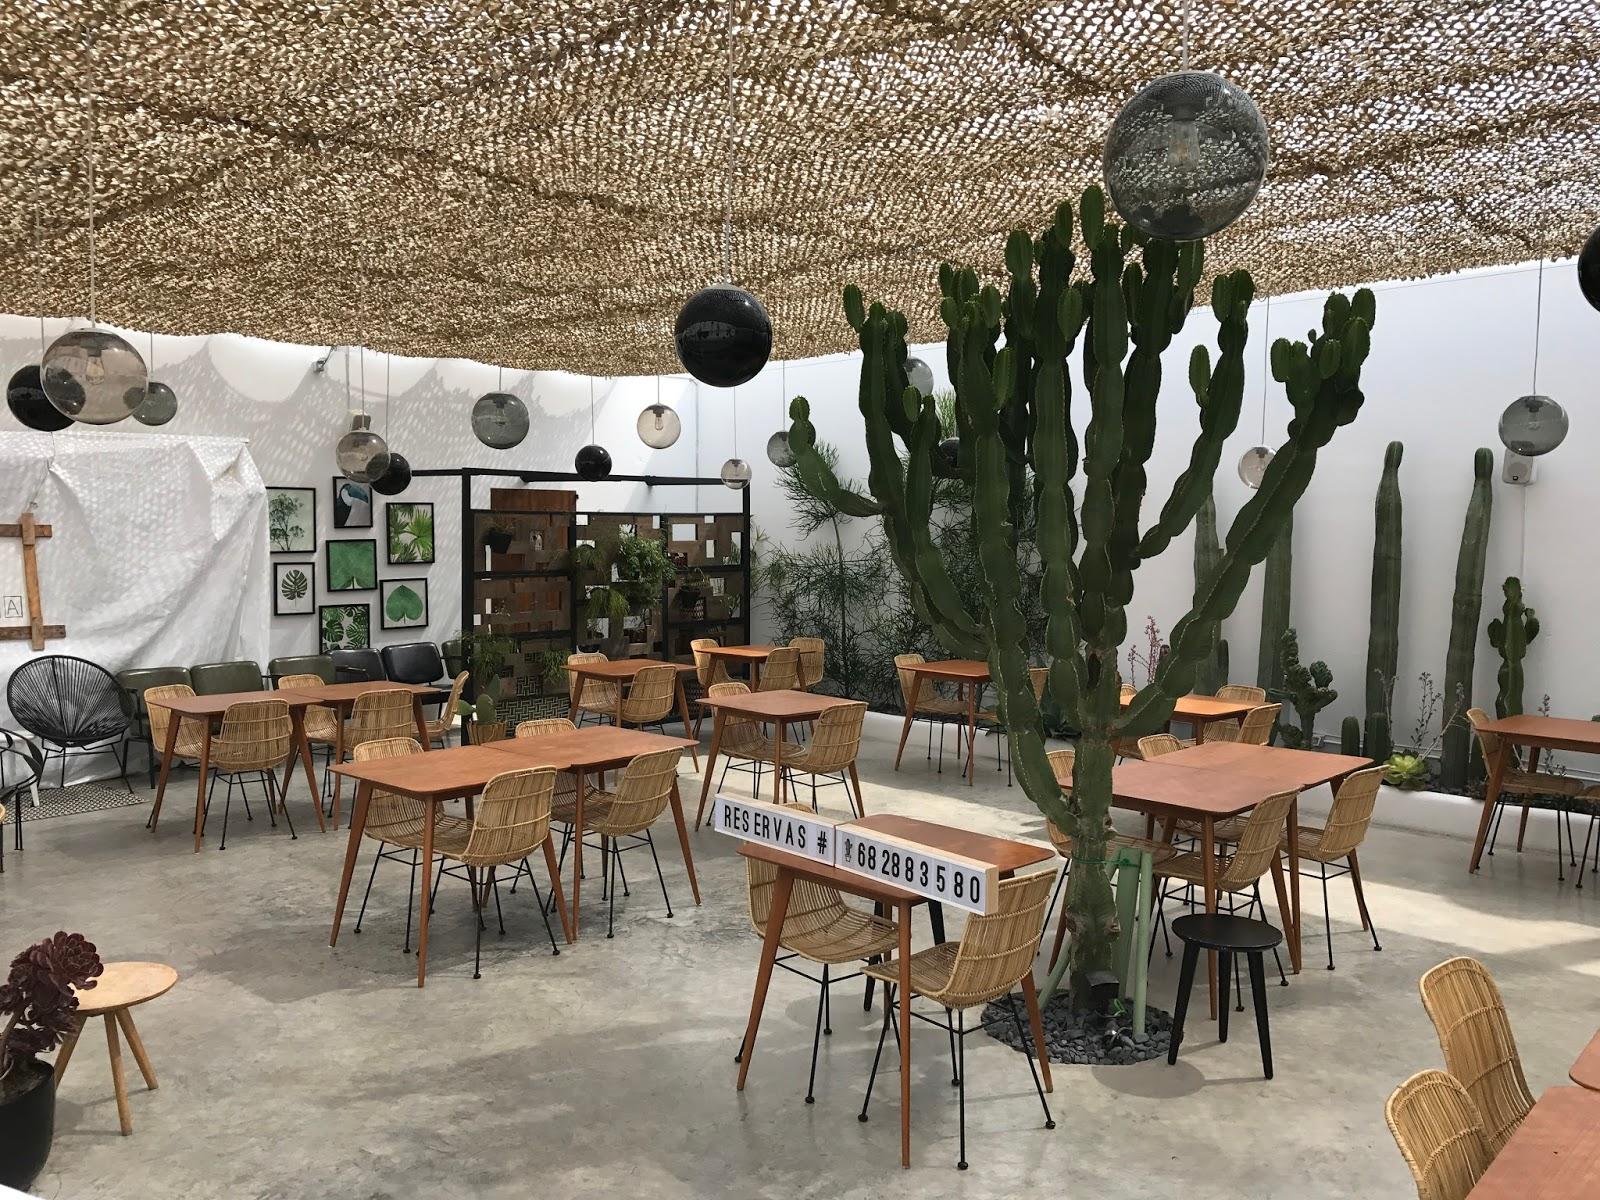 Restaurante Es Mares